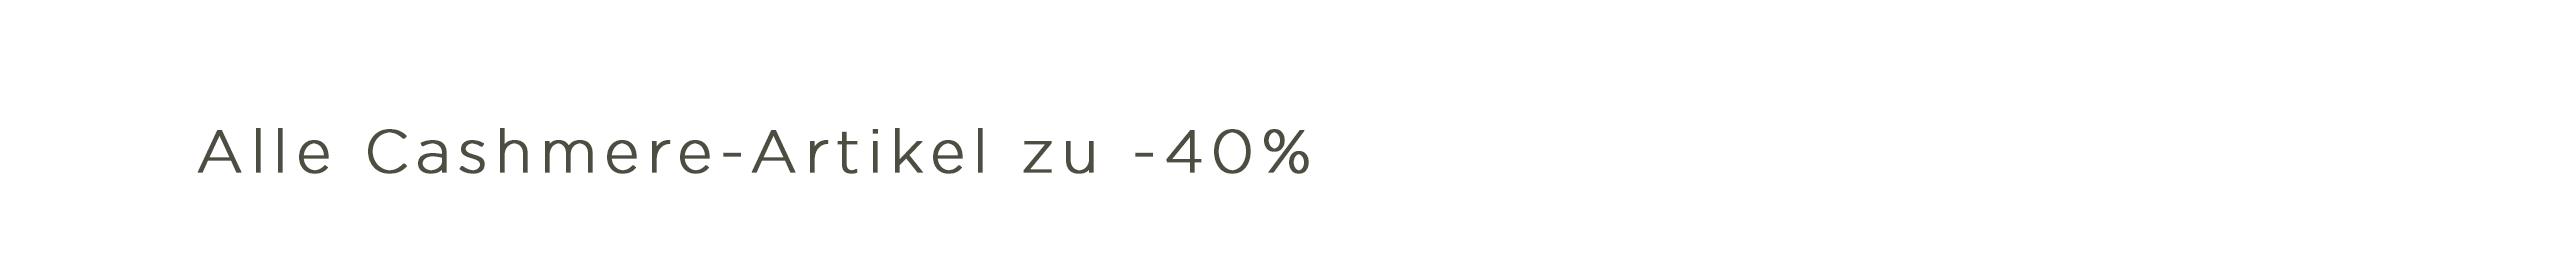 Cachemire à -40%